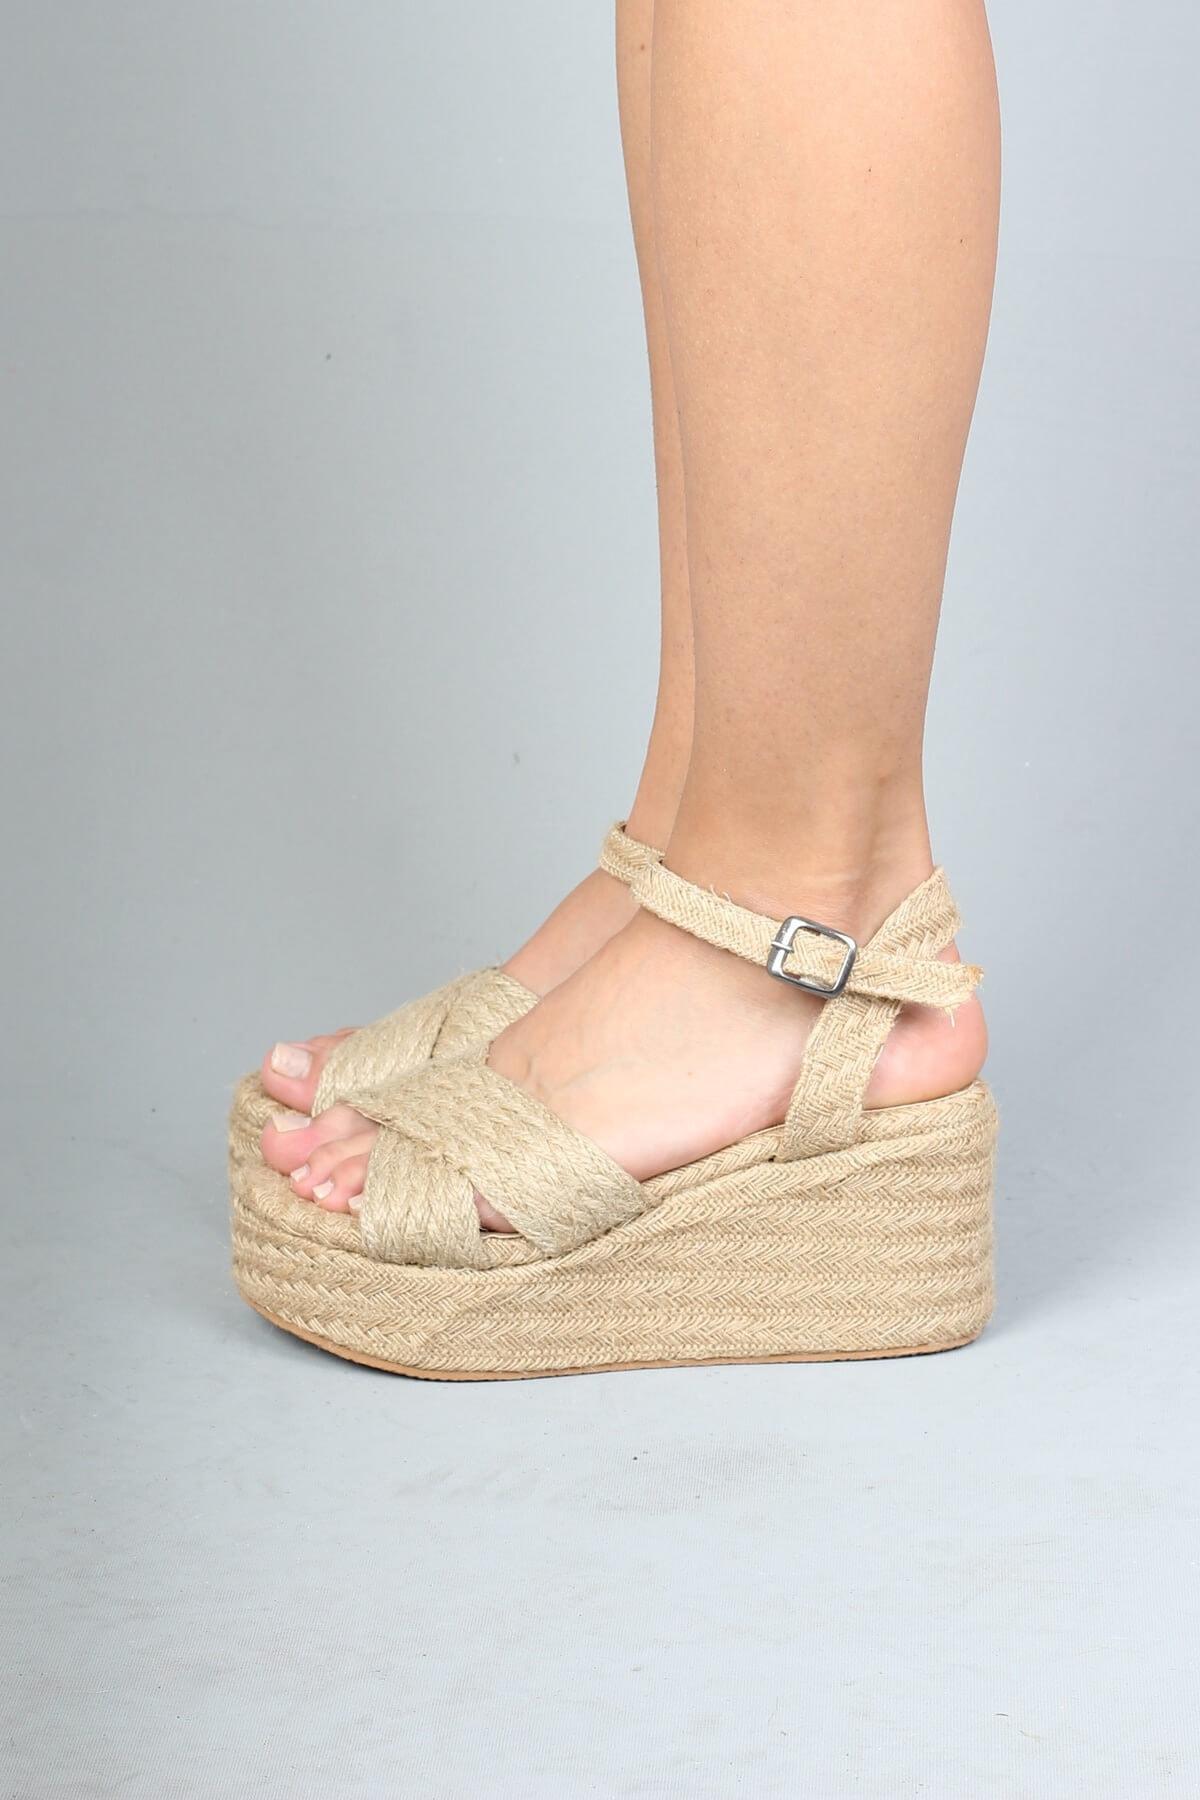 Modabuymus Hasır Dolgu Tabanlı Çapraz Bantlı Espadril Kadın Sandalet - Yummy 1